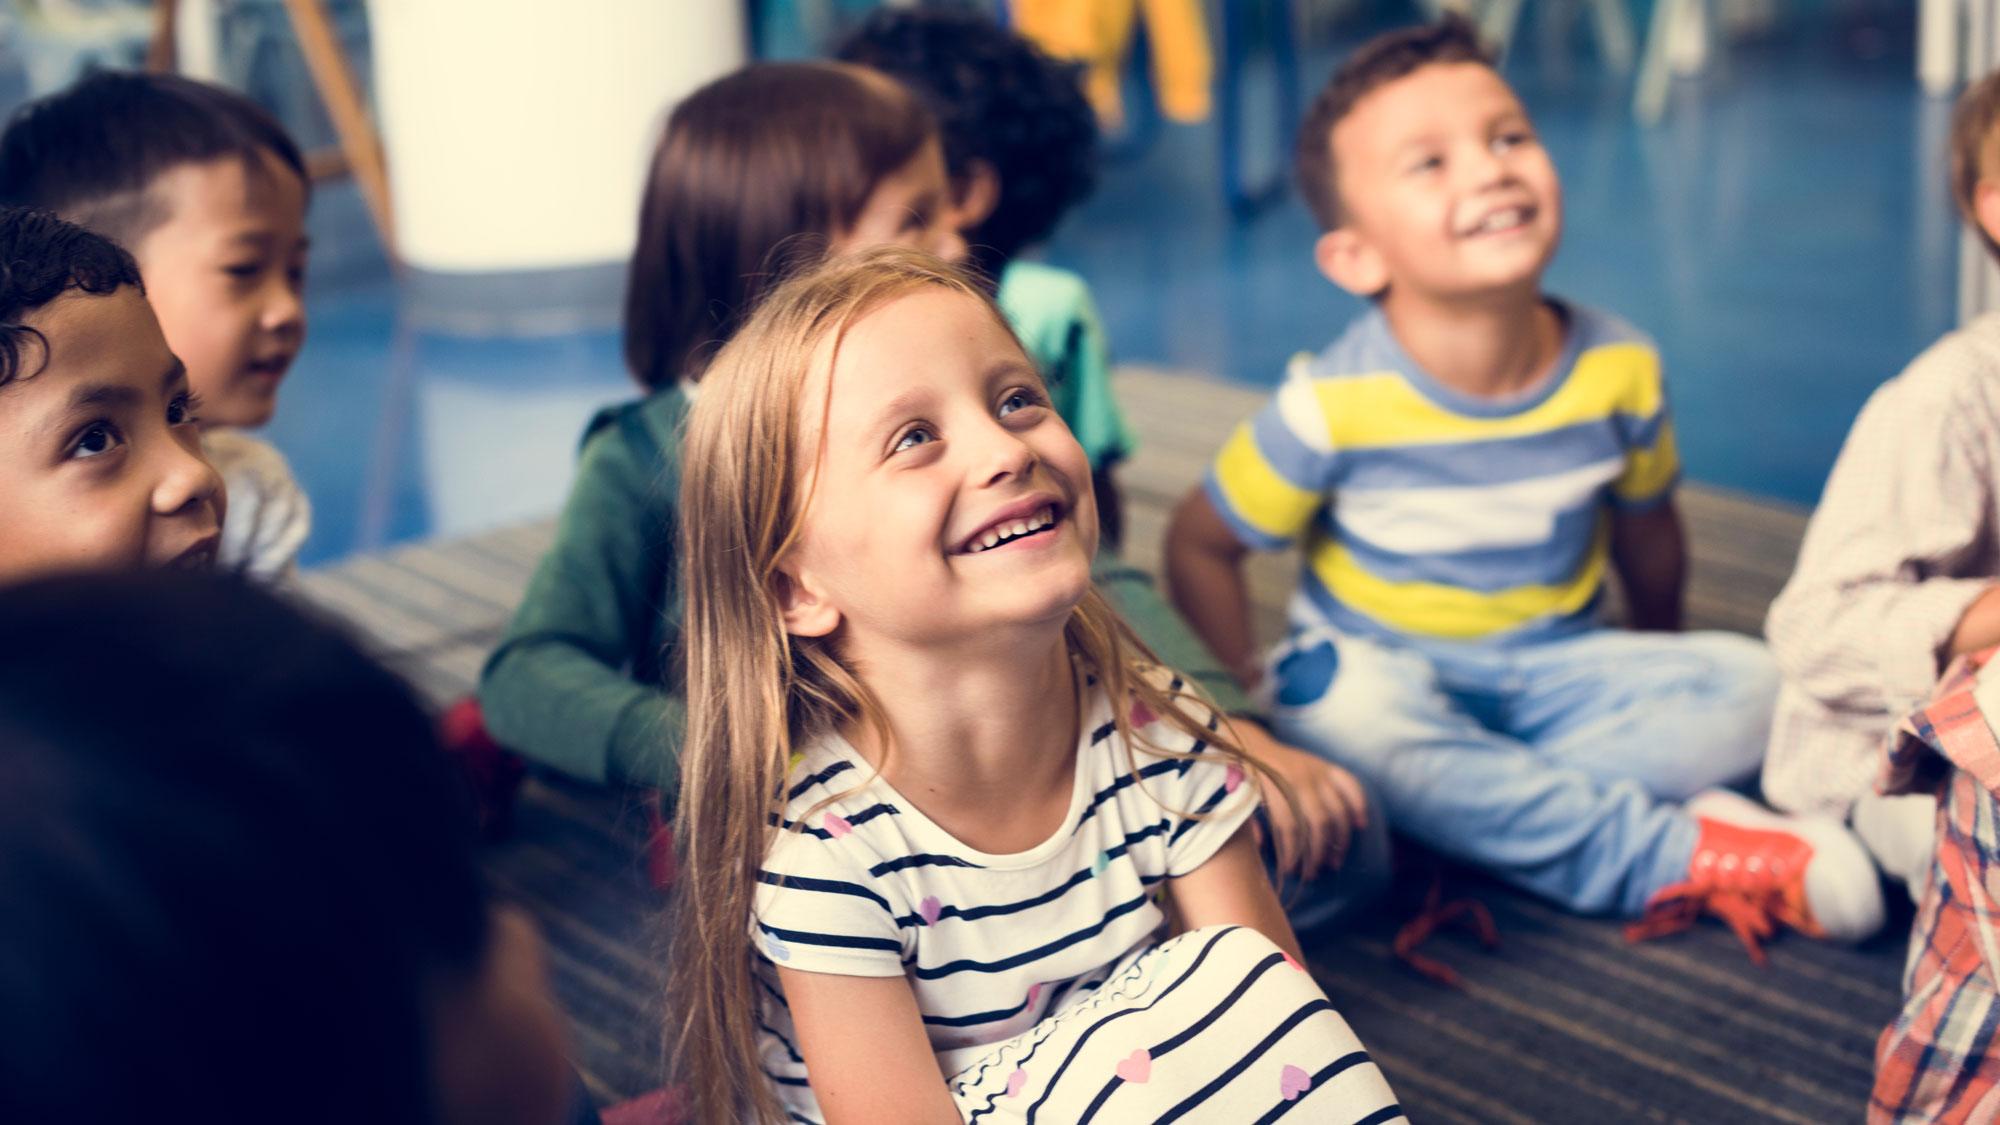 en samling skolbarn sitter på golvet. de lyssnar på sin lärare